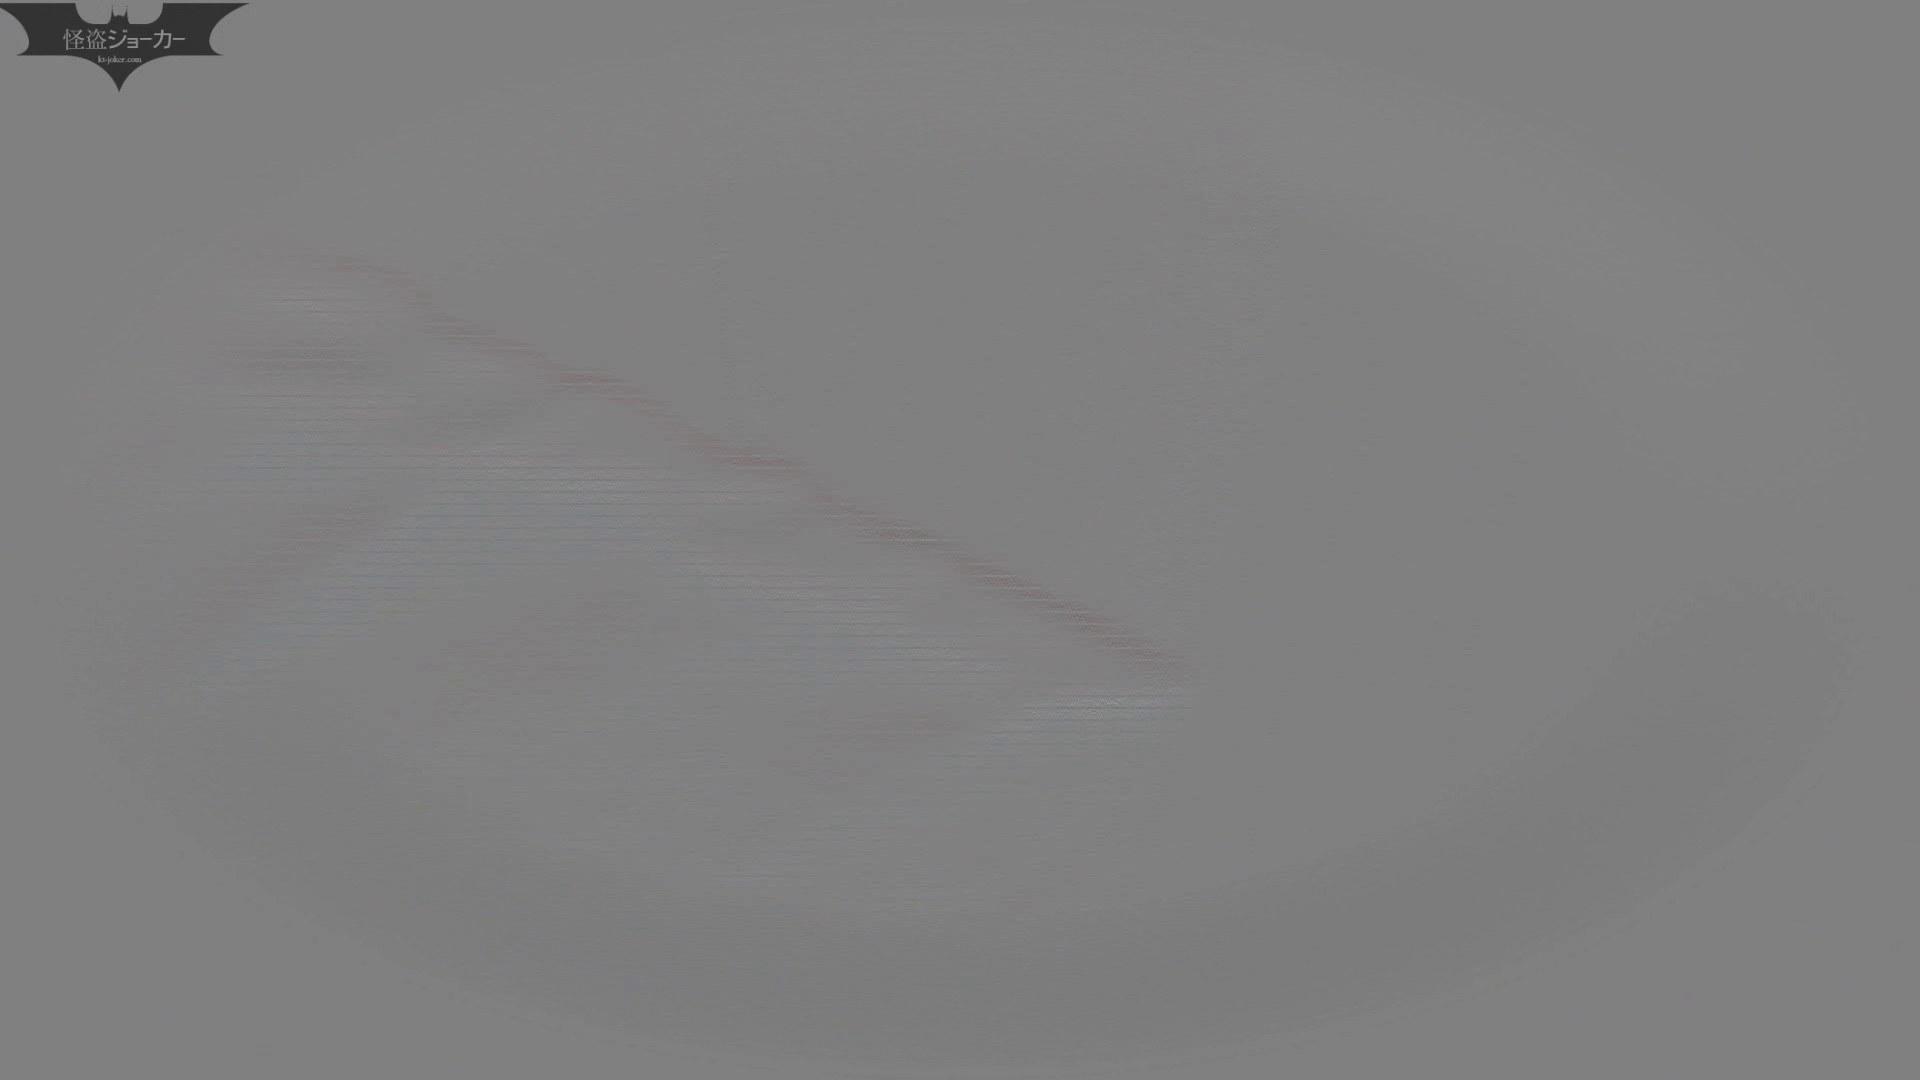 【美しき個室な世界】洗面所特攻隊 vol.046 更に進化【2015・07位】 洗面所  66pic 57